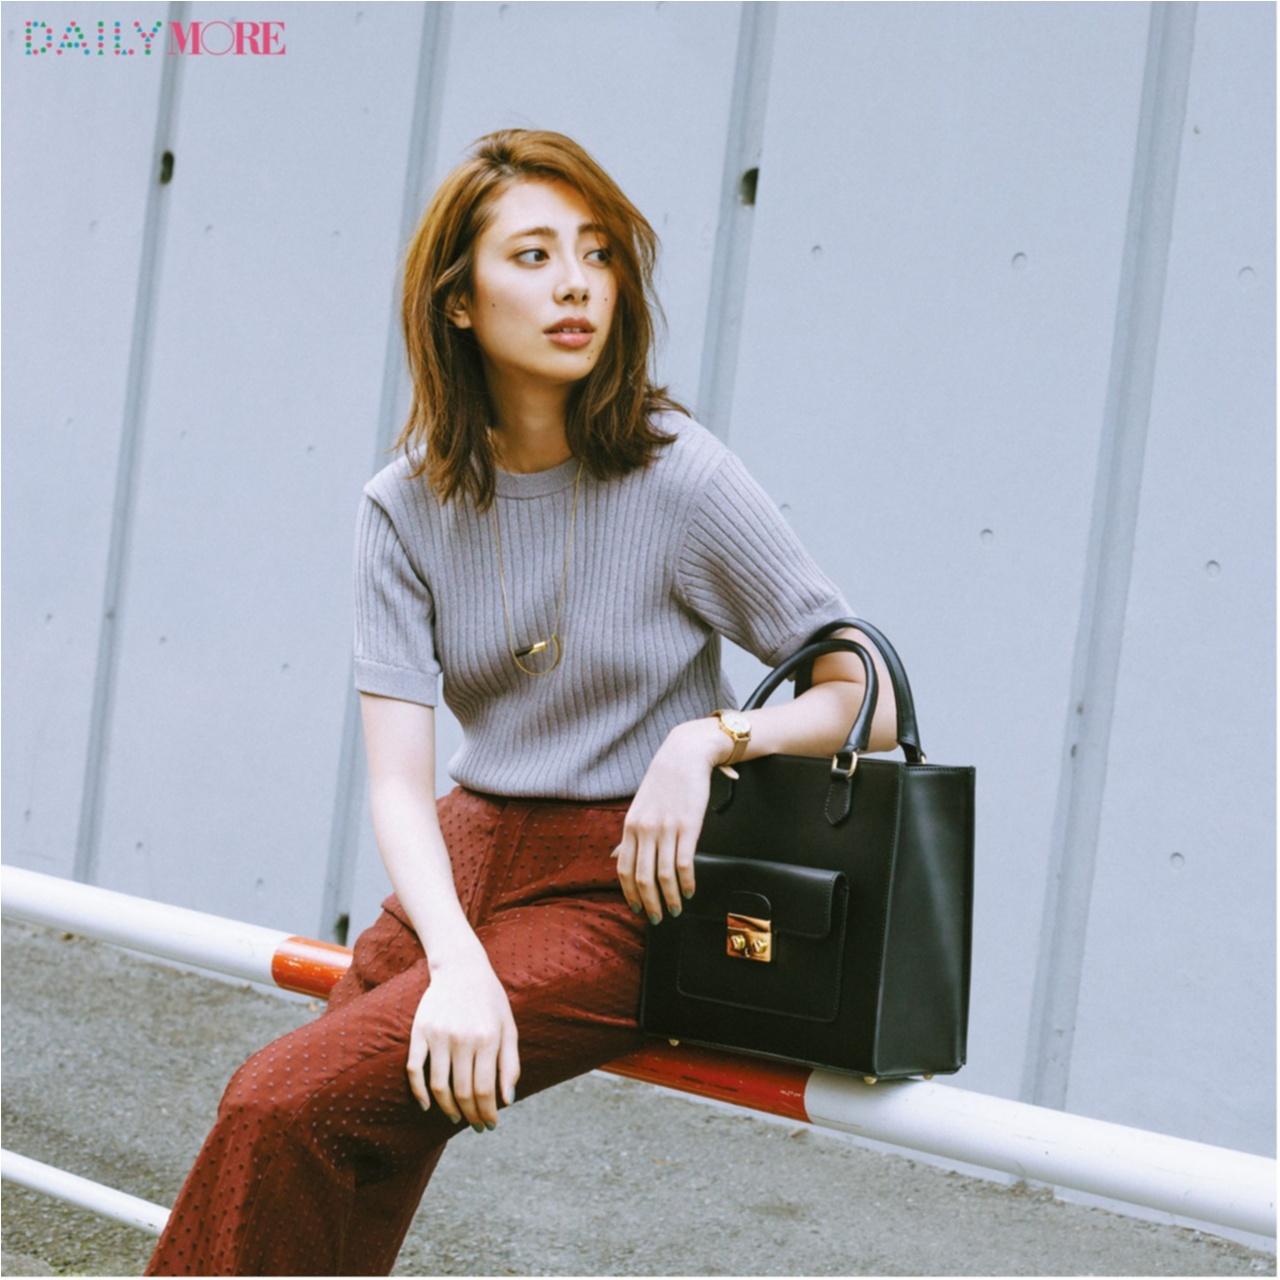 『GU』の細見えスカートが新たなヒット伝説の予感! バッグ、スニーカー人気も継続中! 今週のファッション人気ランキングトップ3☆_1_2